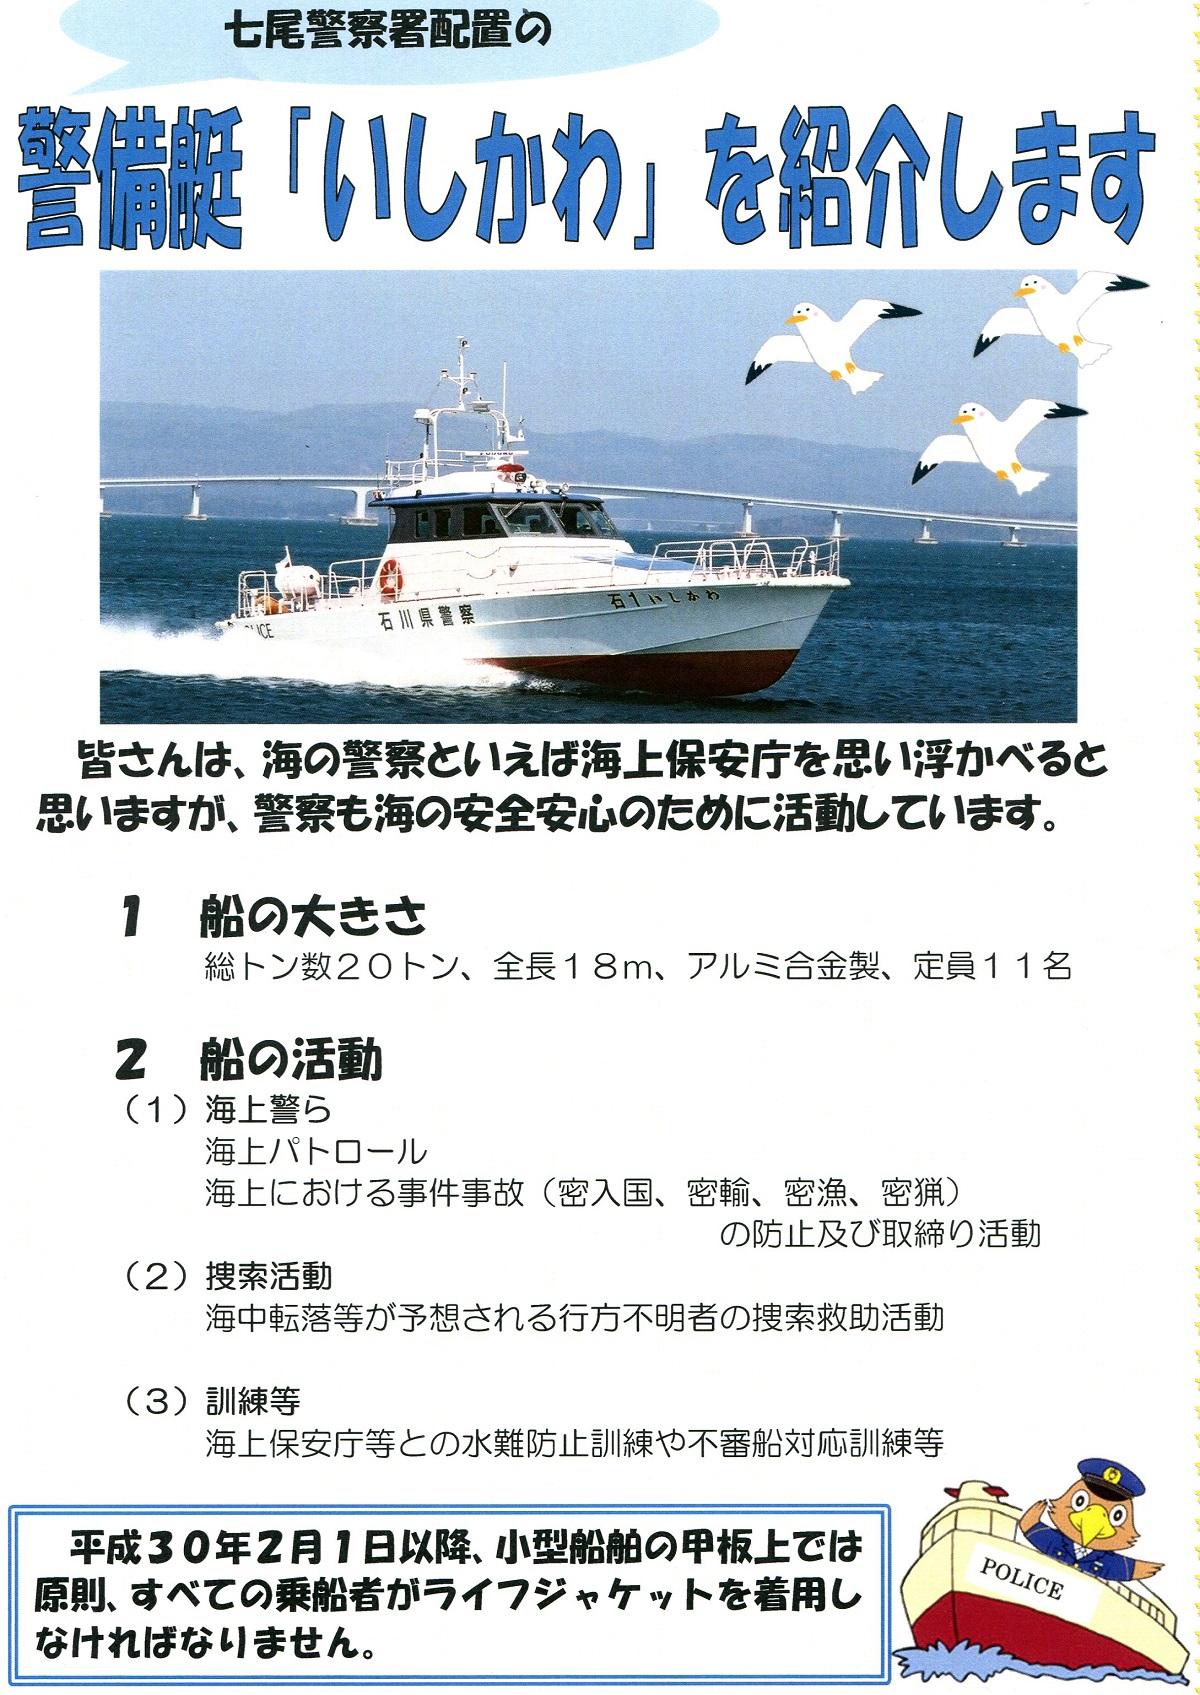 七尾警察署 - 石川県警察本部